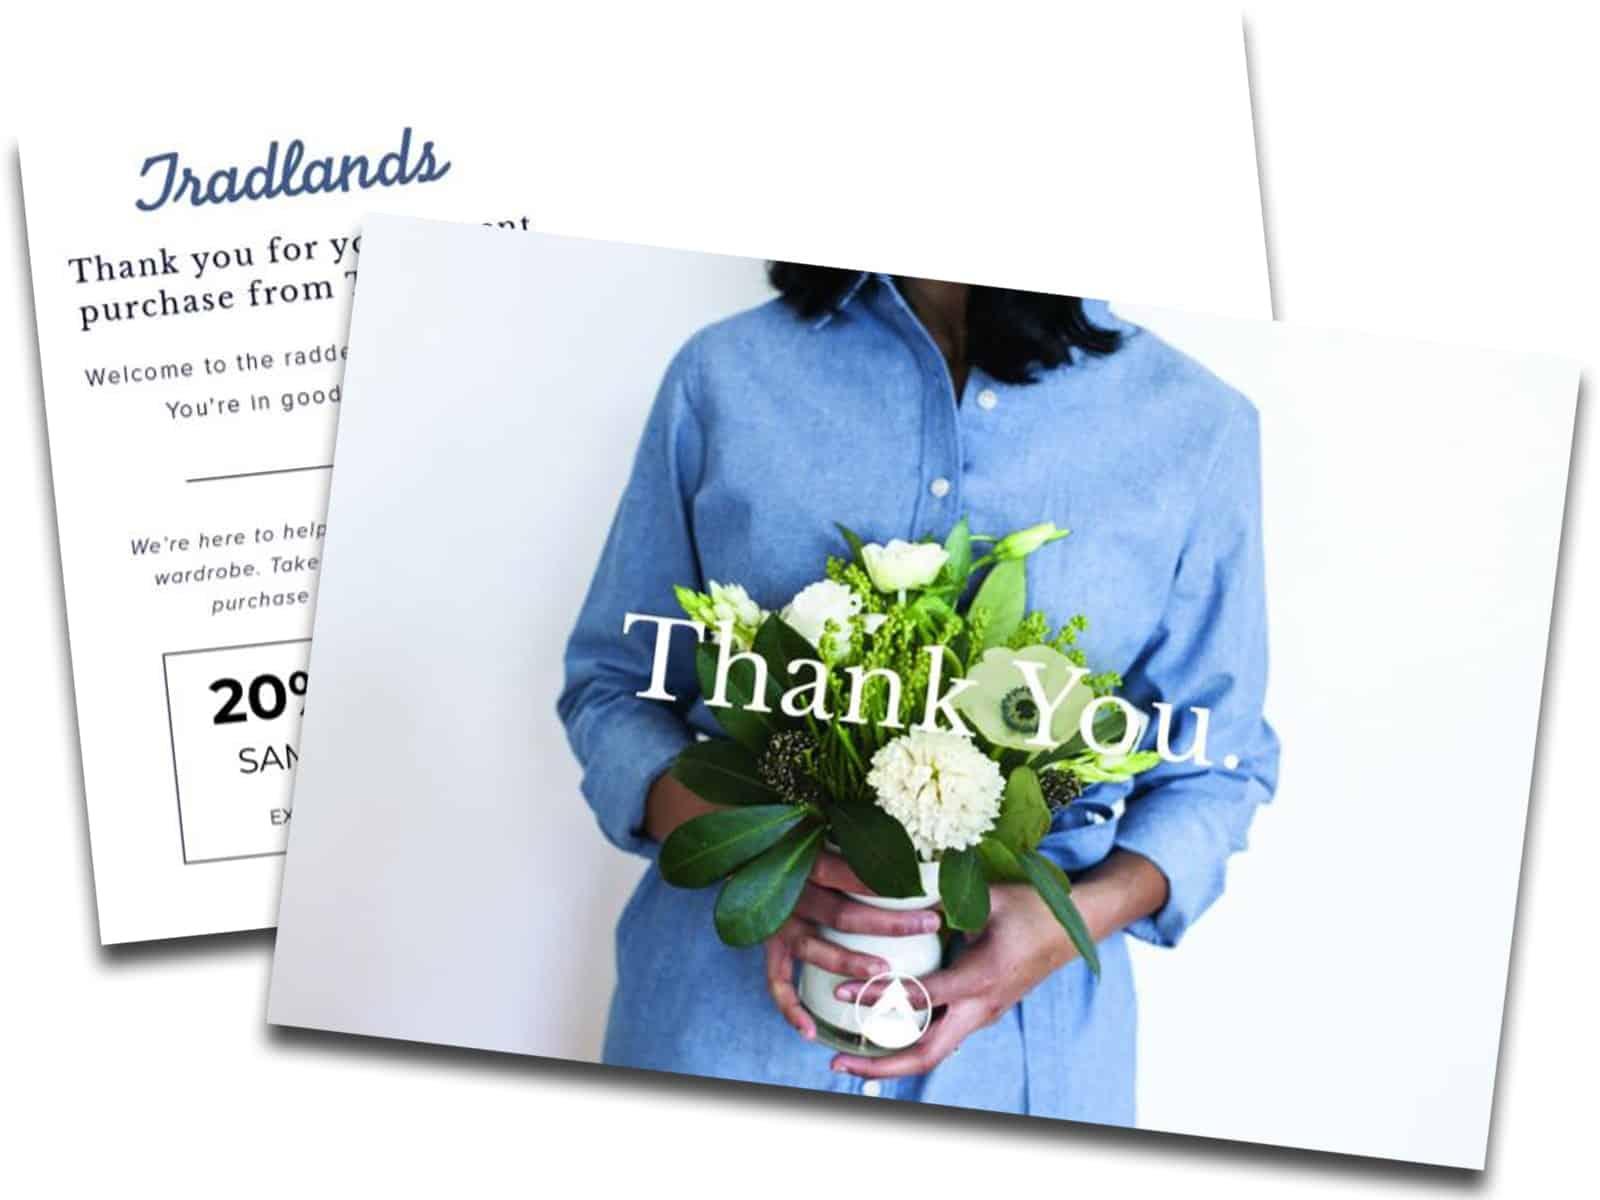 postcard-marketing-for-shopify-tradlands